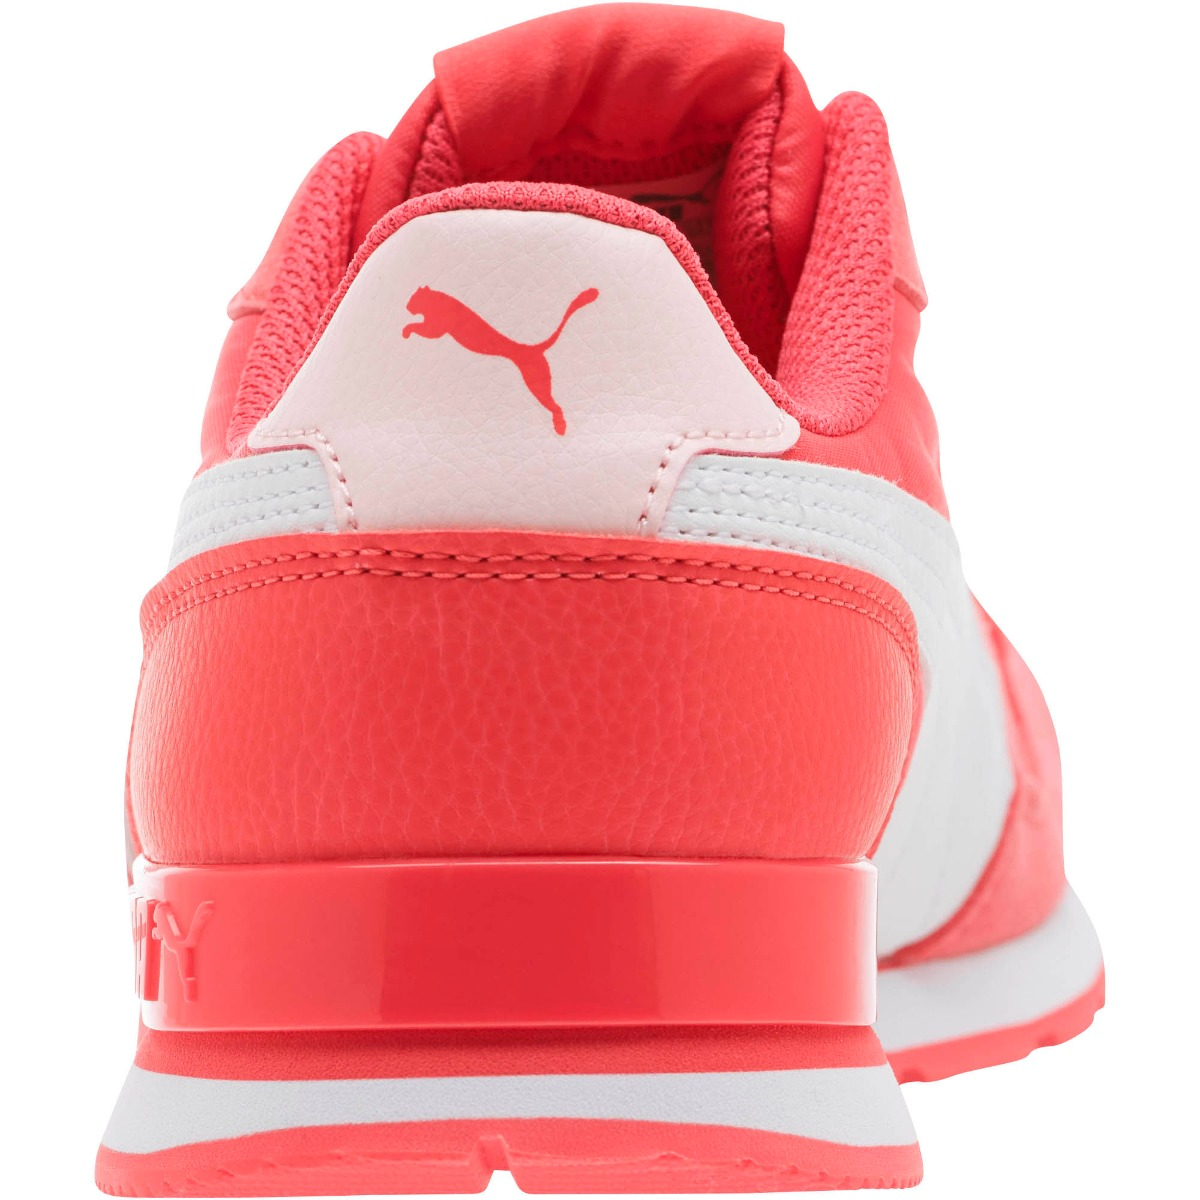 tênis puma st runner v2 nl pink branco feminino junior. Carregando zoom. b1e0e6d2f054c